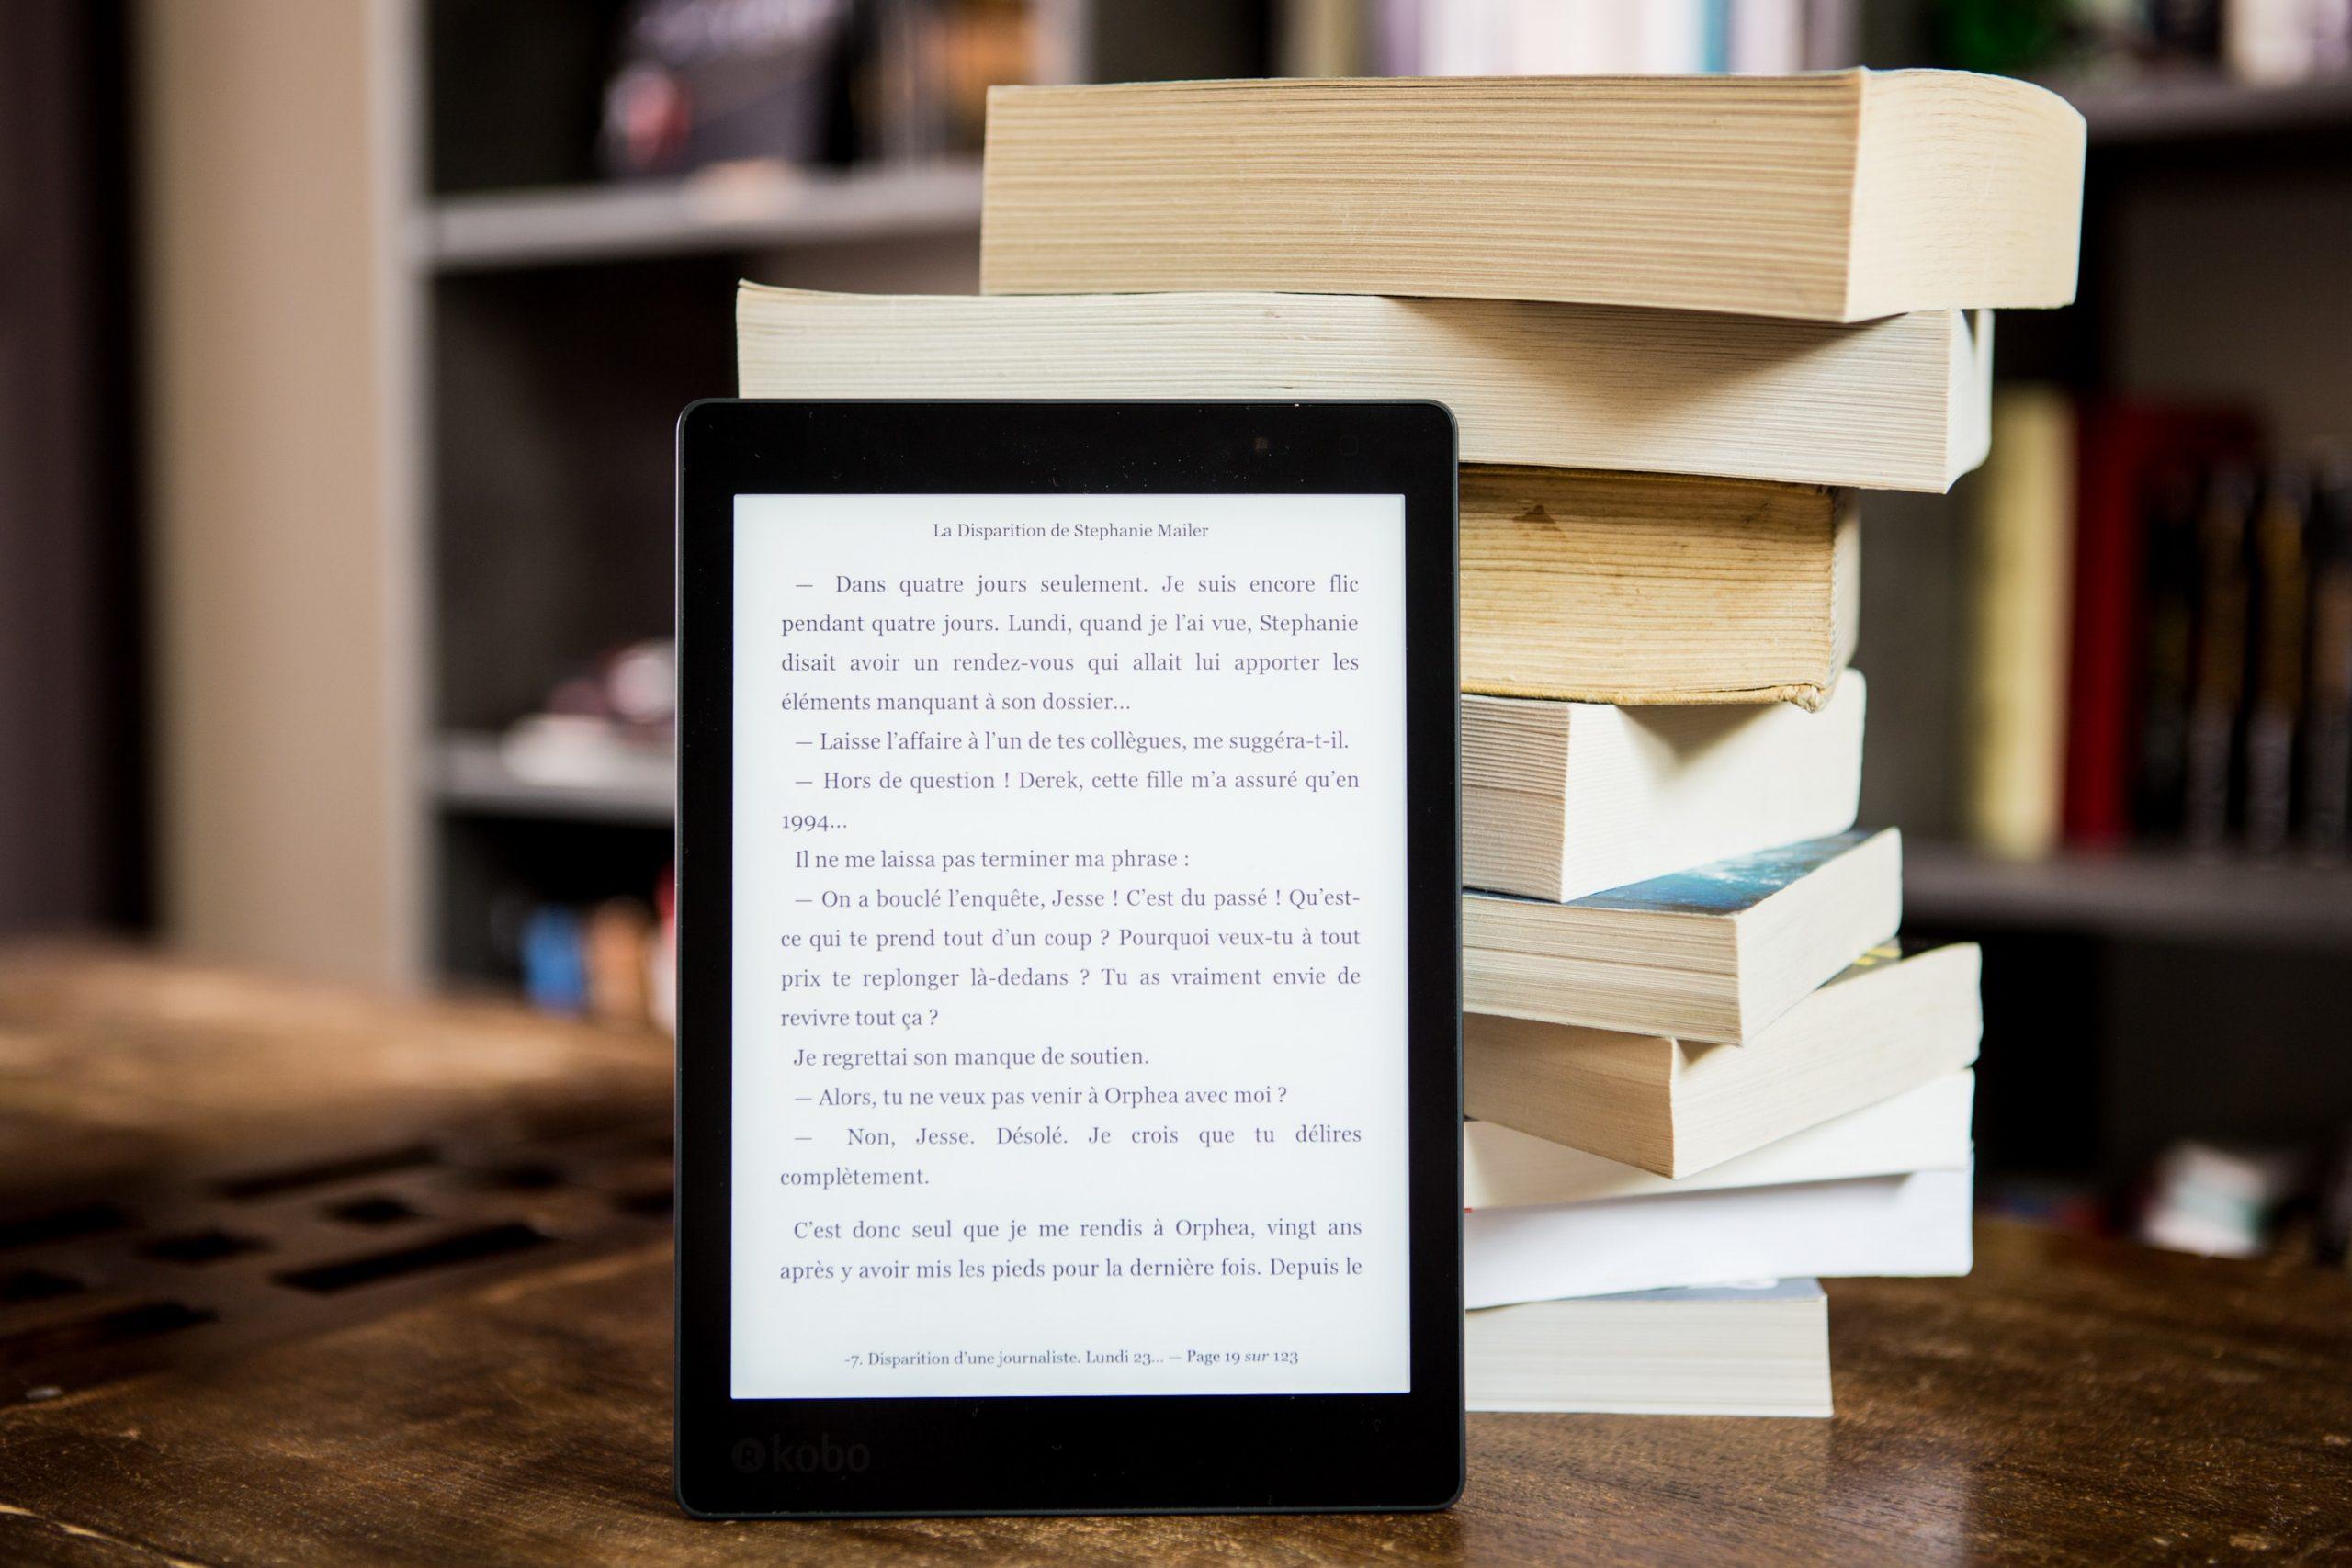 Livres en papiers versus livres numériques